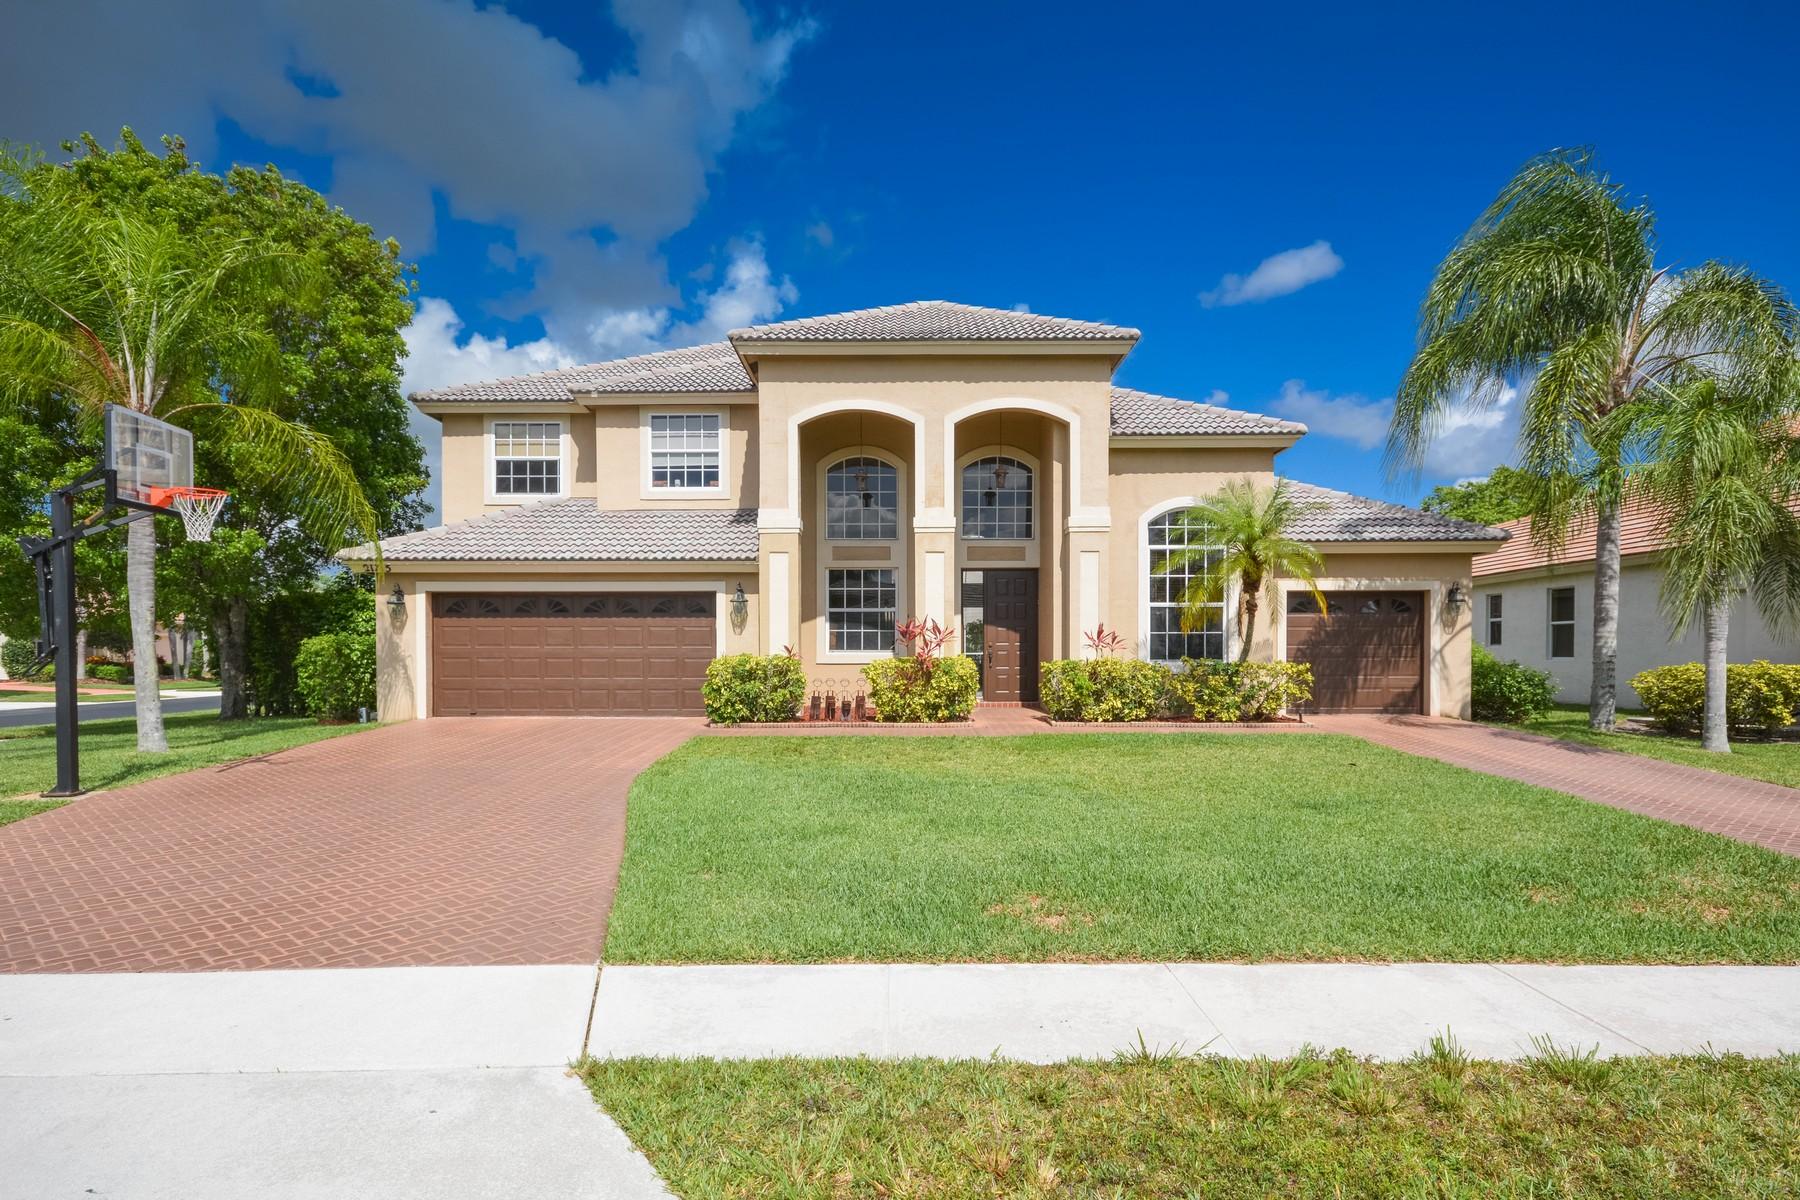 단독 가정 주택 용 매매 에 21715 Abington Ct , Boca Raton, FL 33428 21715 Abington Ct, Boca Raton, 플로리다, 33428 미국